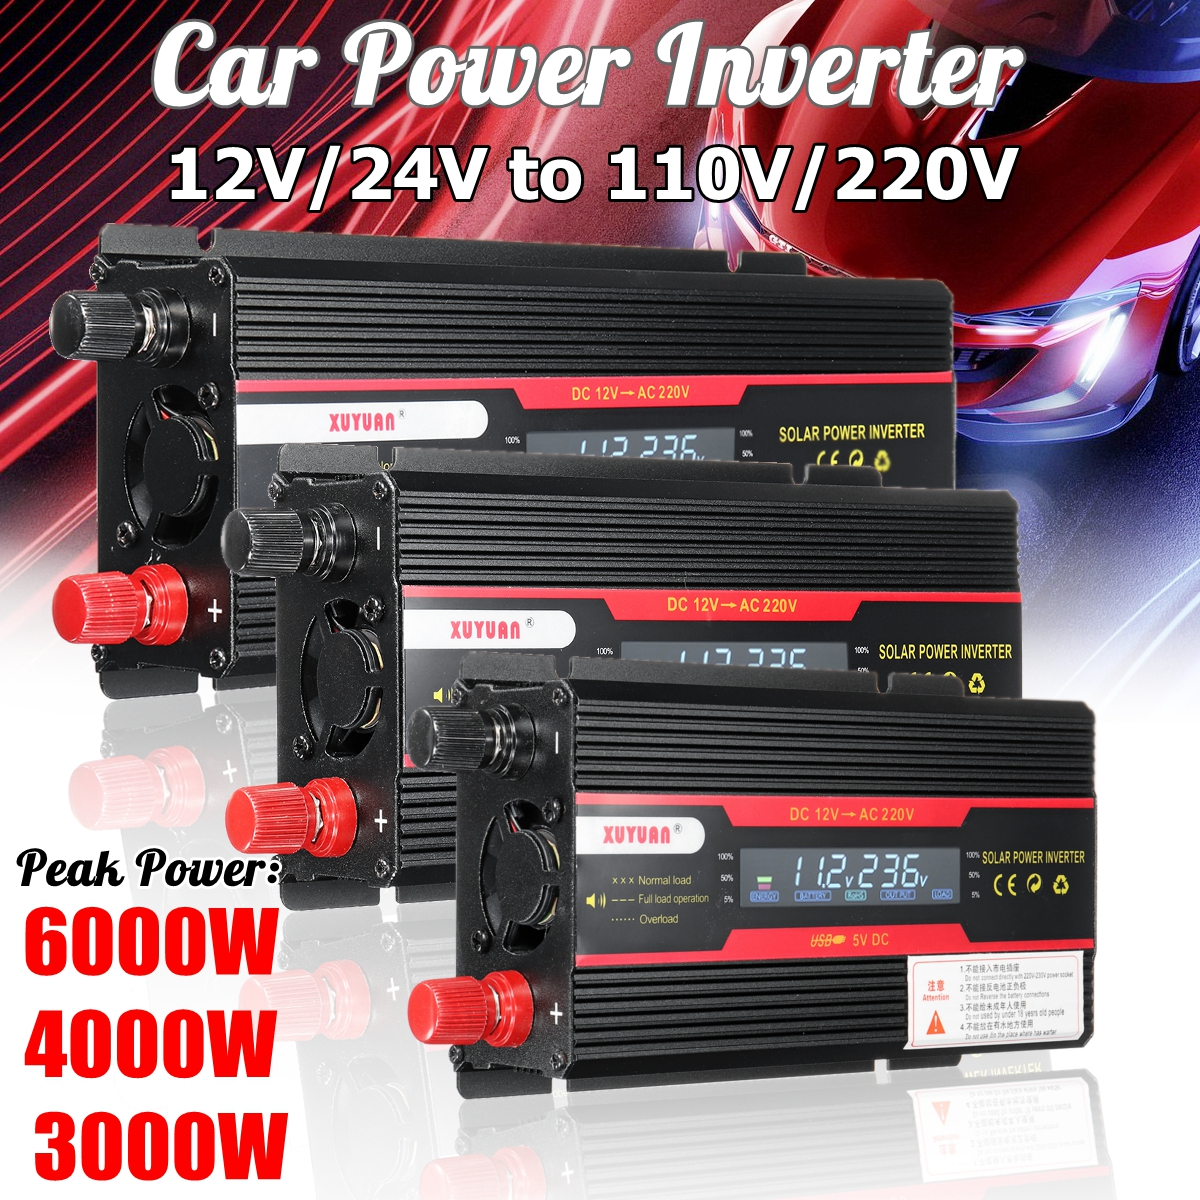 Inversor carro 12V 220V 3000W 4000W 6000W P eak Potência Do Inversor Conversor De Voltagem Transformador 12V 220V Inversor + Display LCD